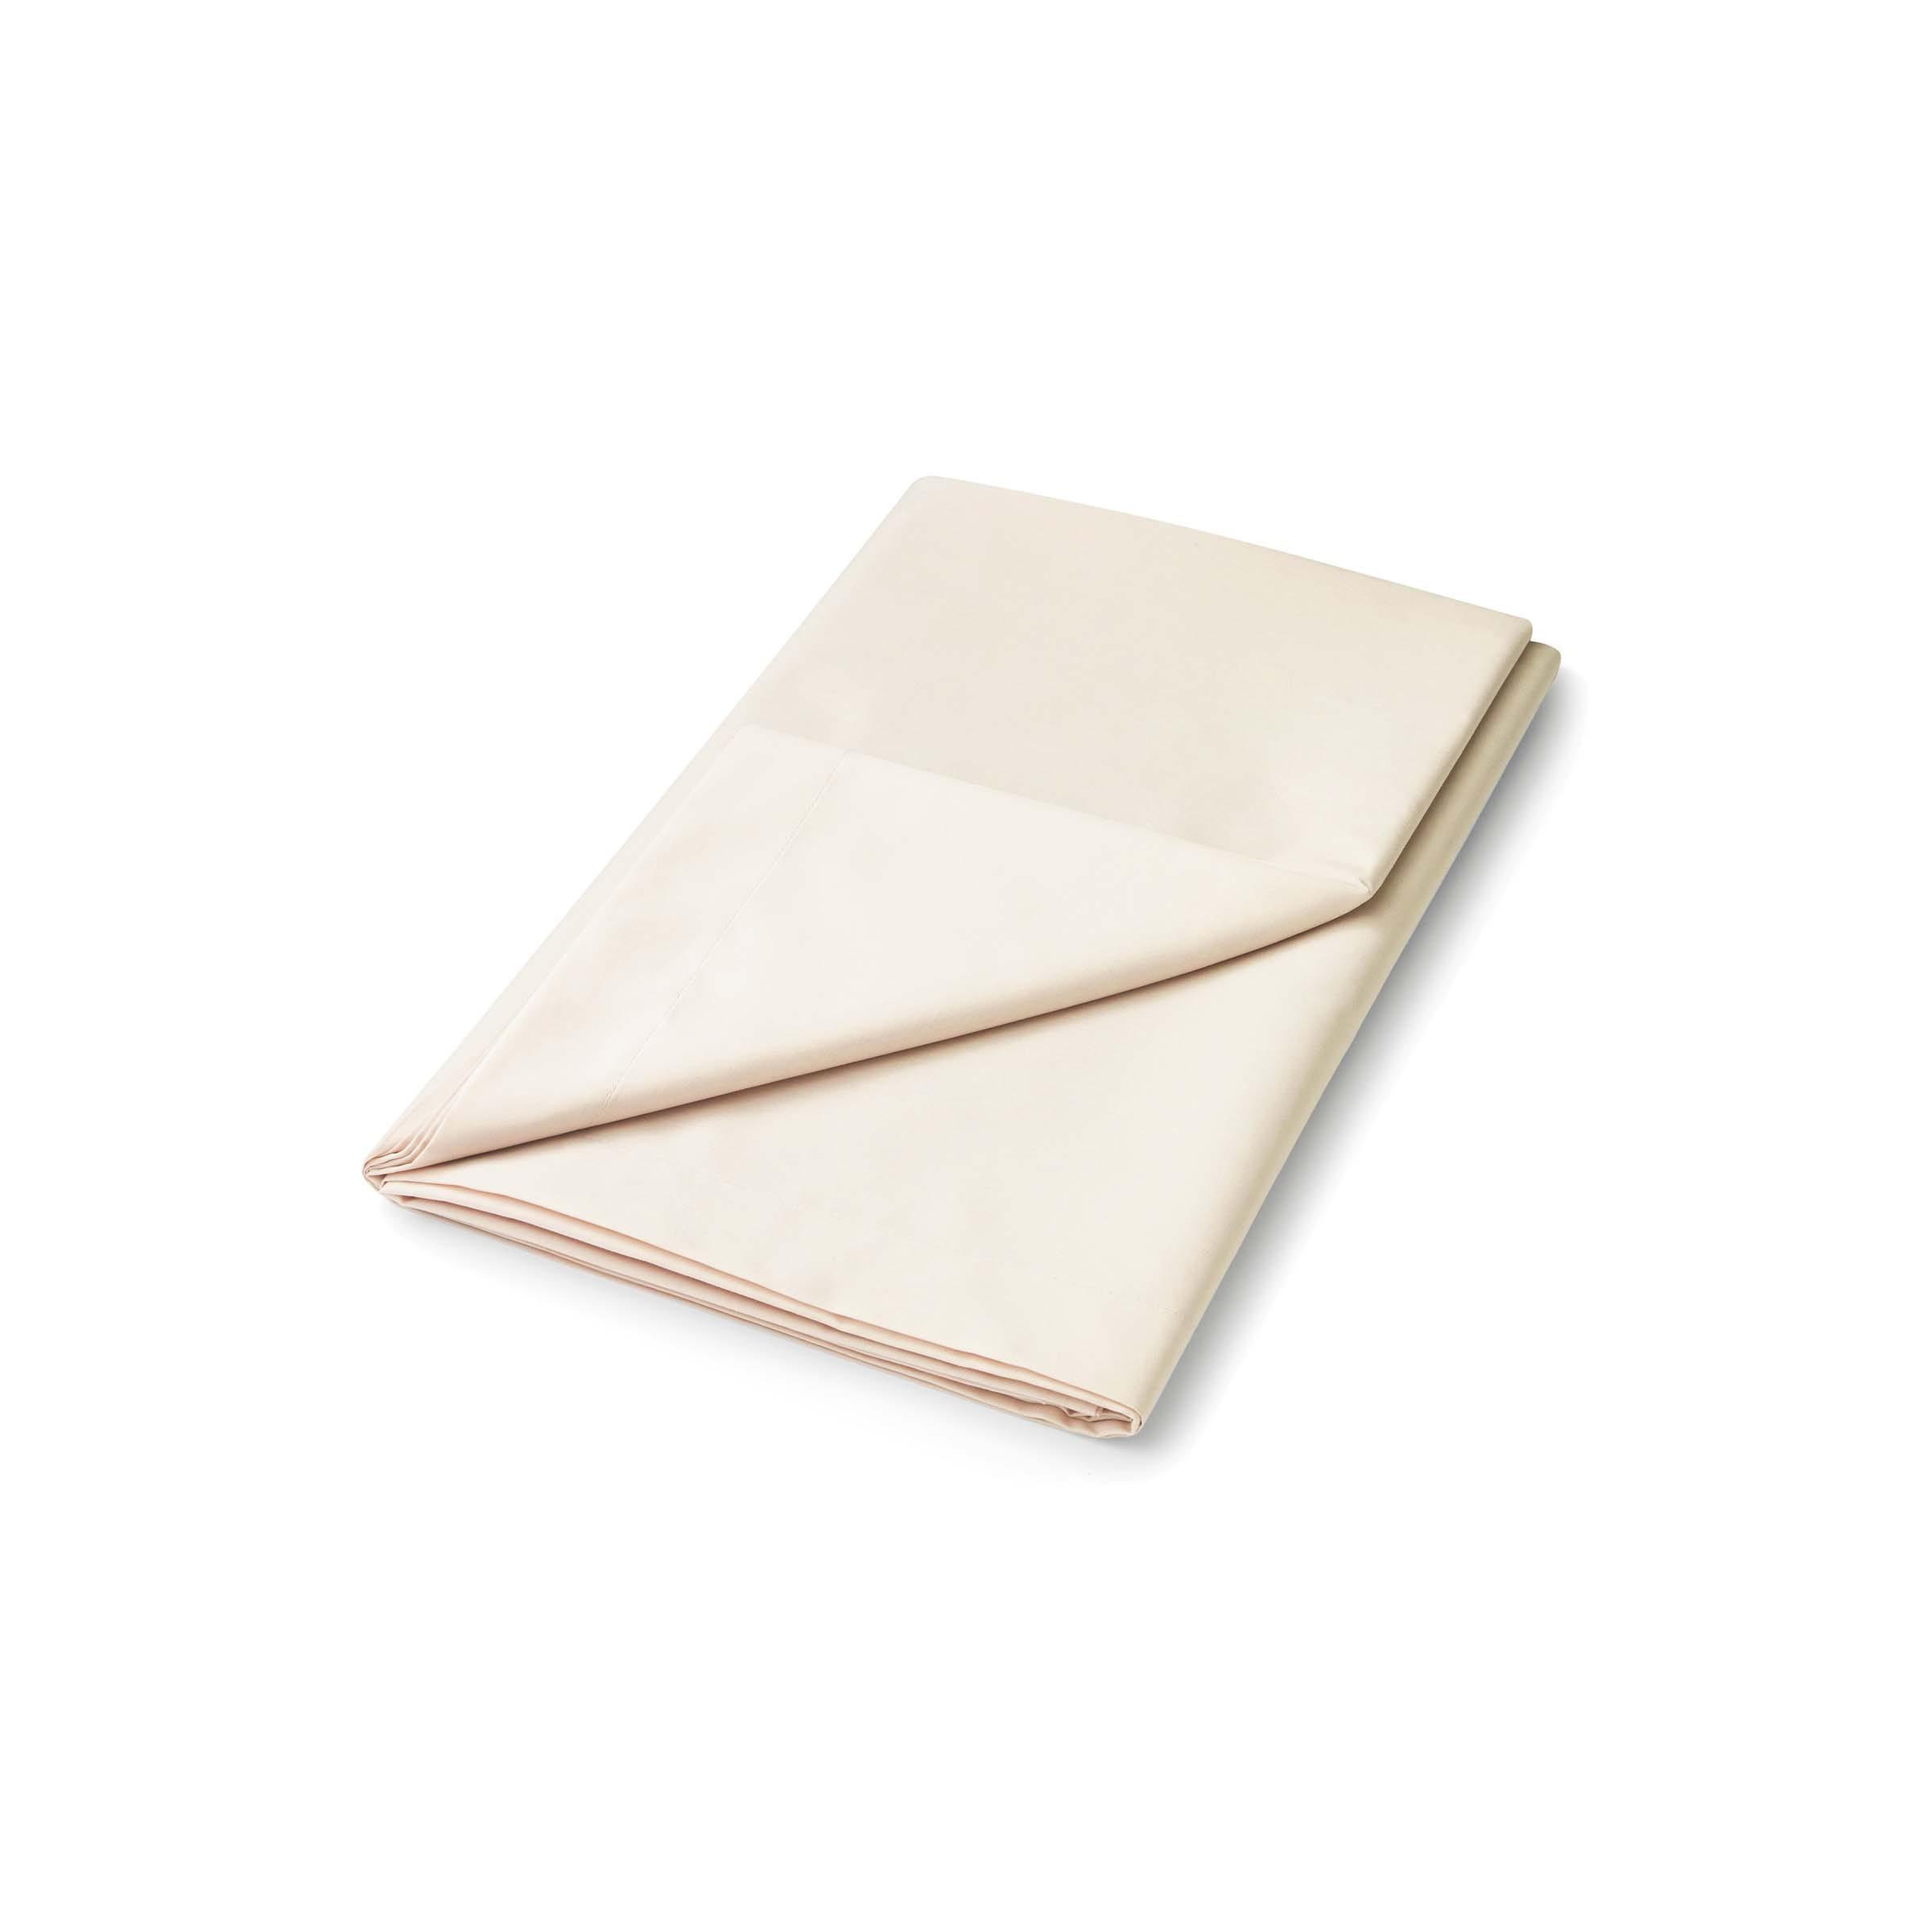 50/50 Plain Dye Percale Kingsize Flat Sheet, Linen